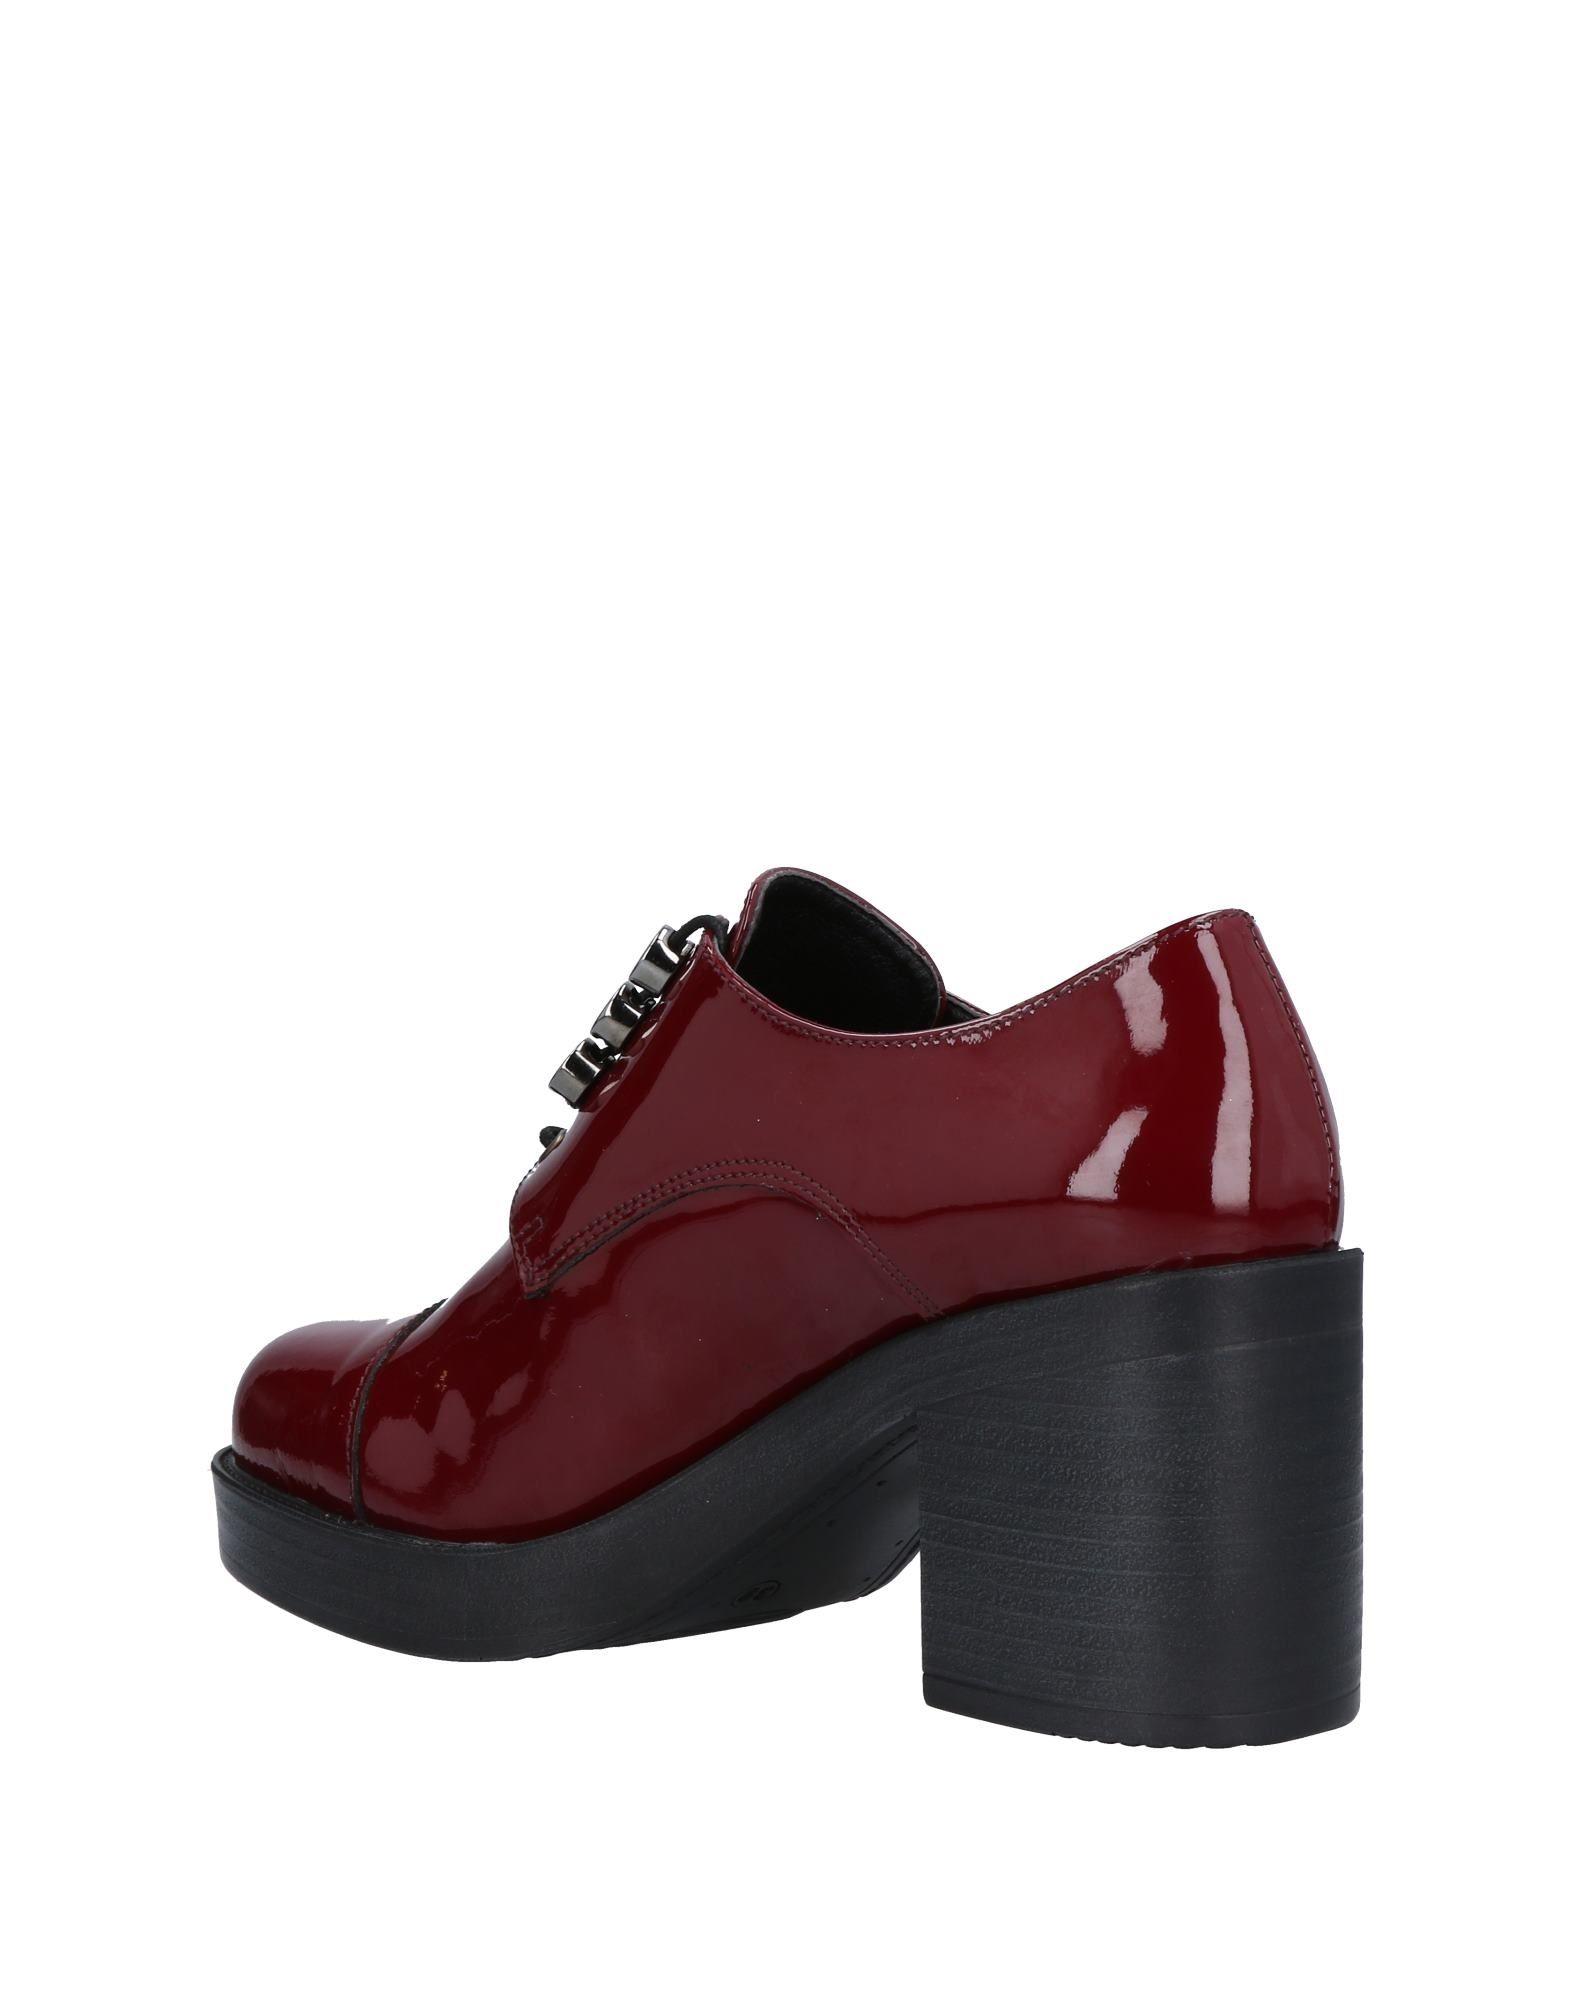 Formentini Qualität Schnürschuhe Damen  11479234SS Gute Qualität Formentini beliebte Schuhe 0d712f